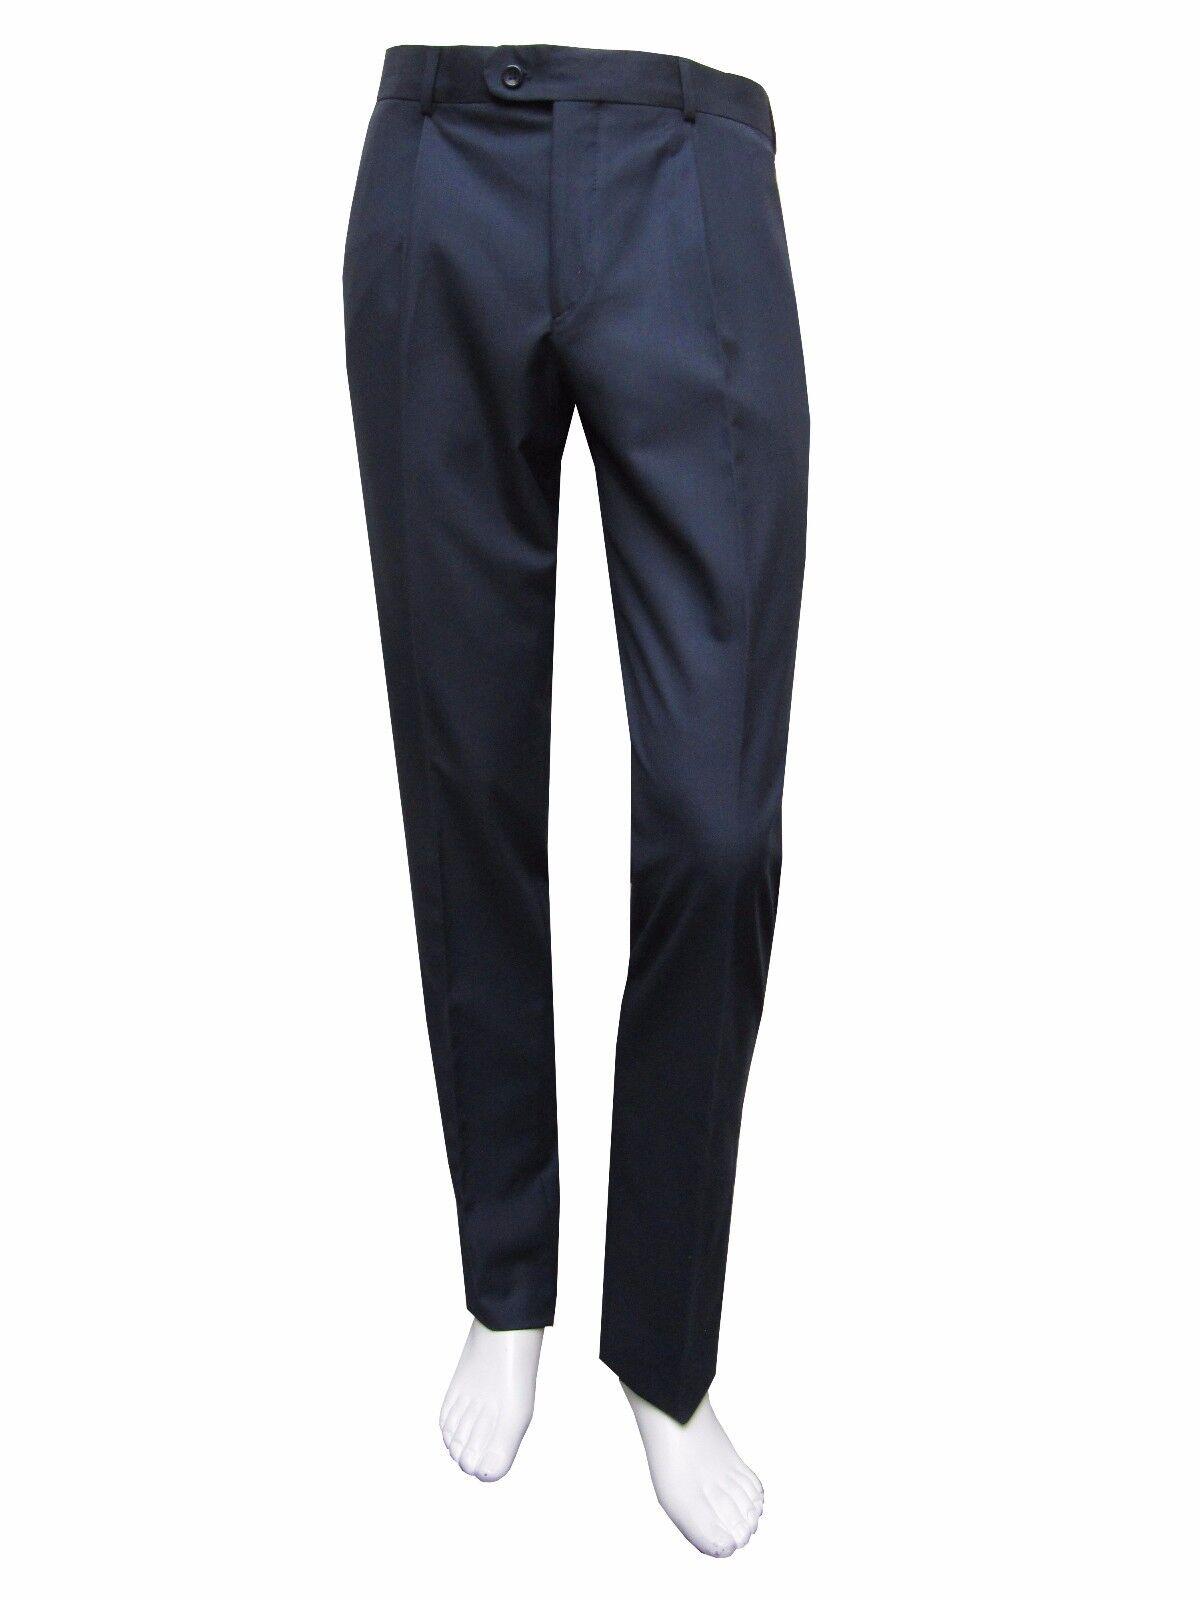 Classico Uomo pieghe Pantaloni Tg. 27 BLU SCURO